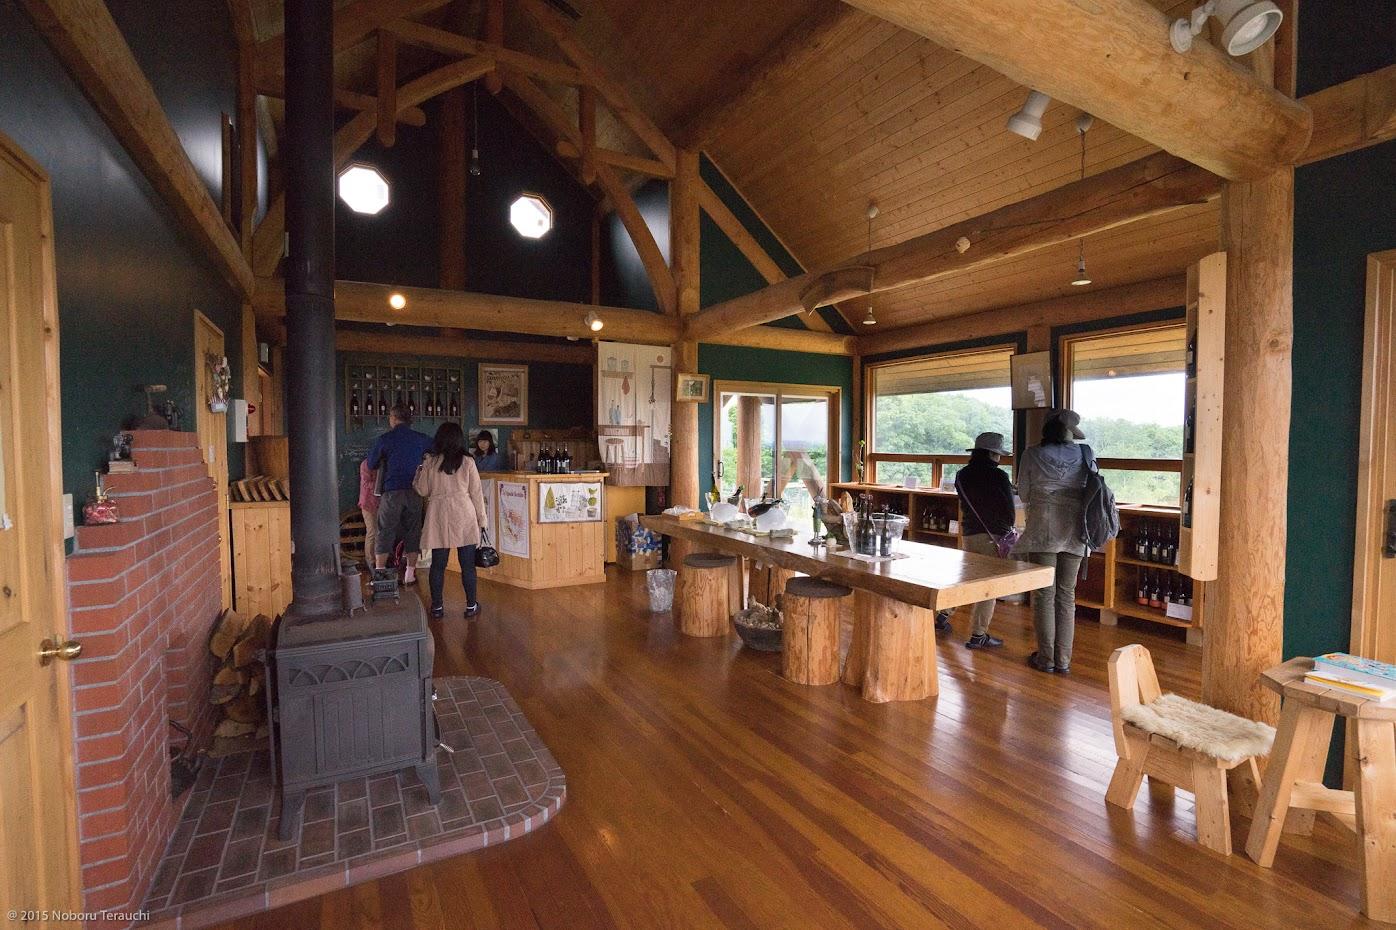 薪ストーブ、赤レンガ、木のテーブル&チェア